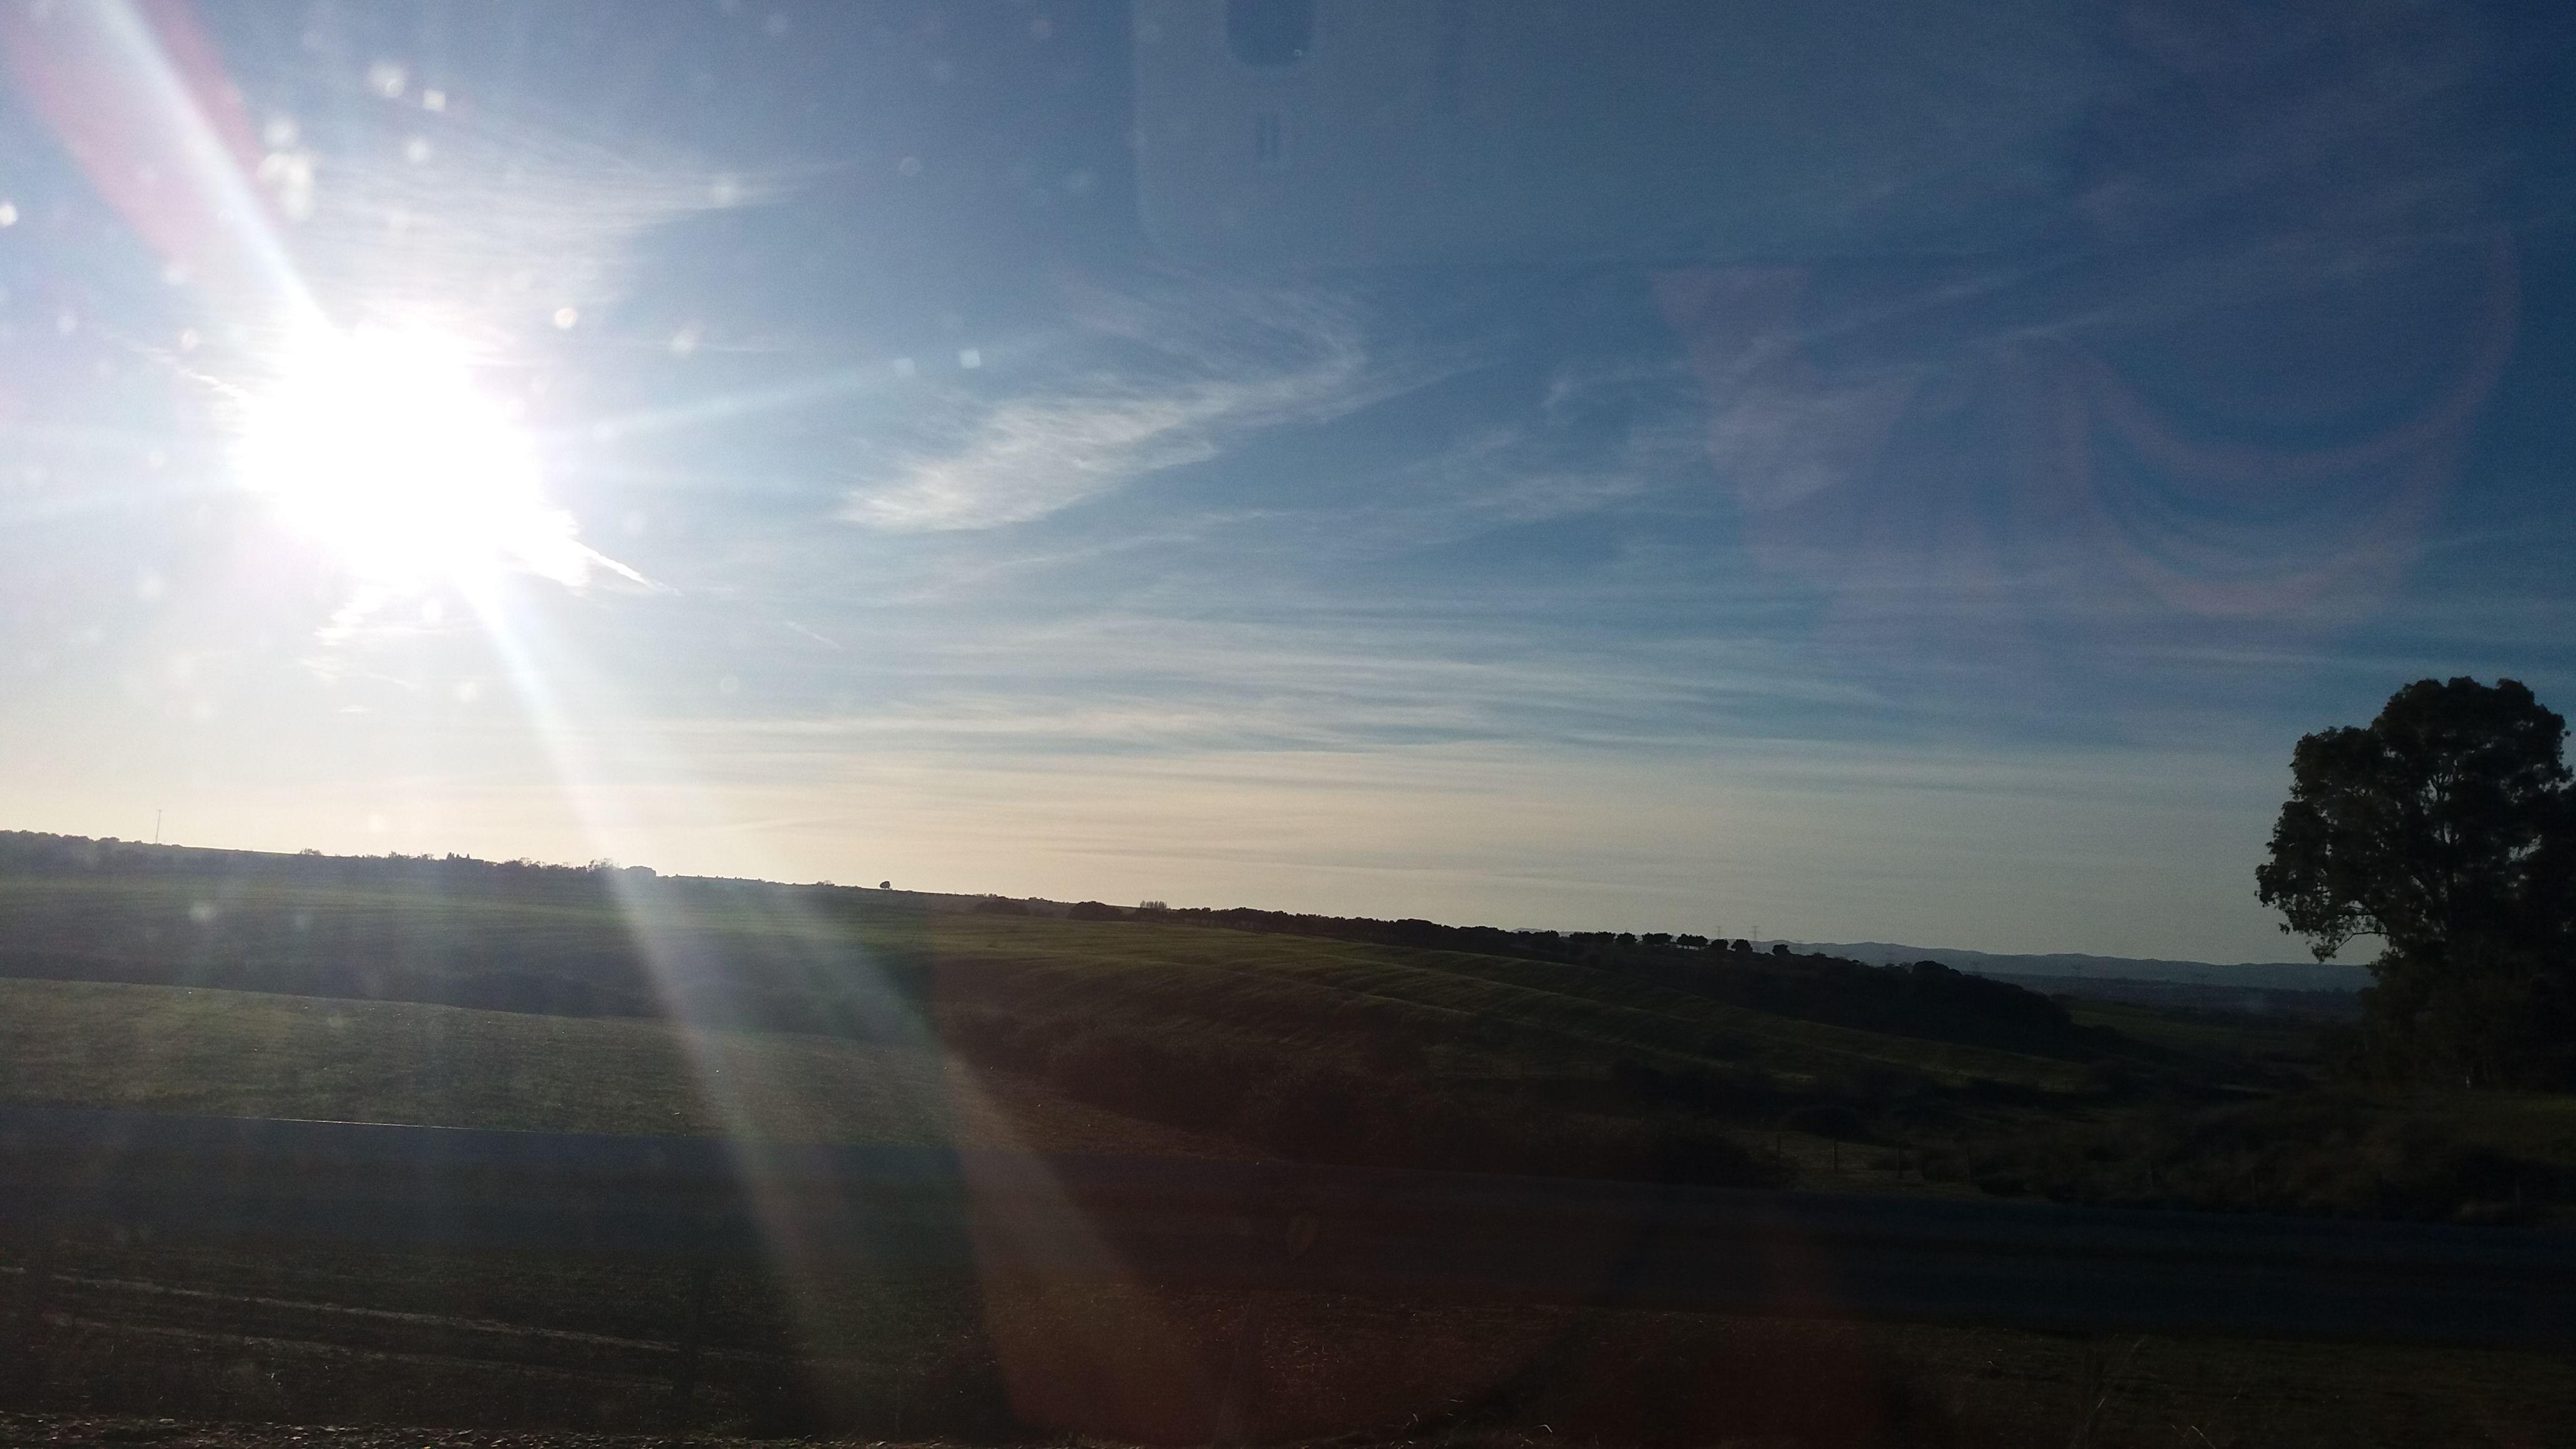 Cardiel de Los Montes (Toledo) - On the road (En el camino)